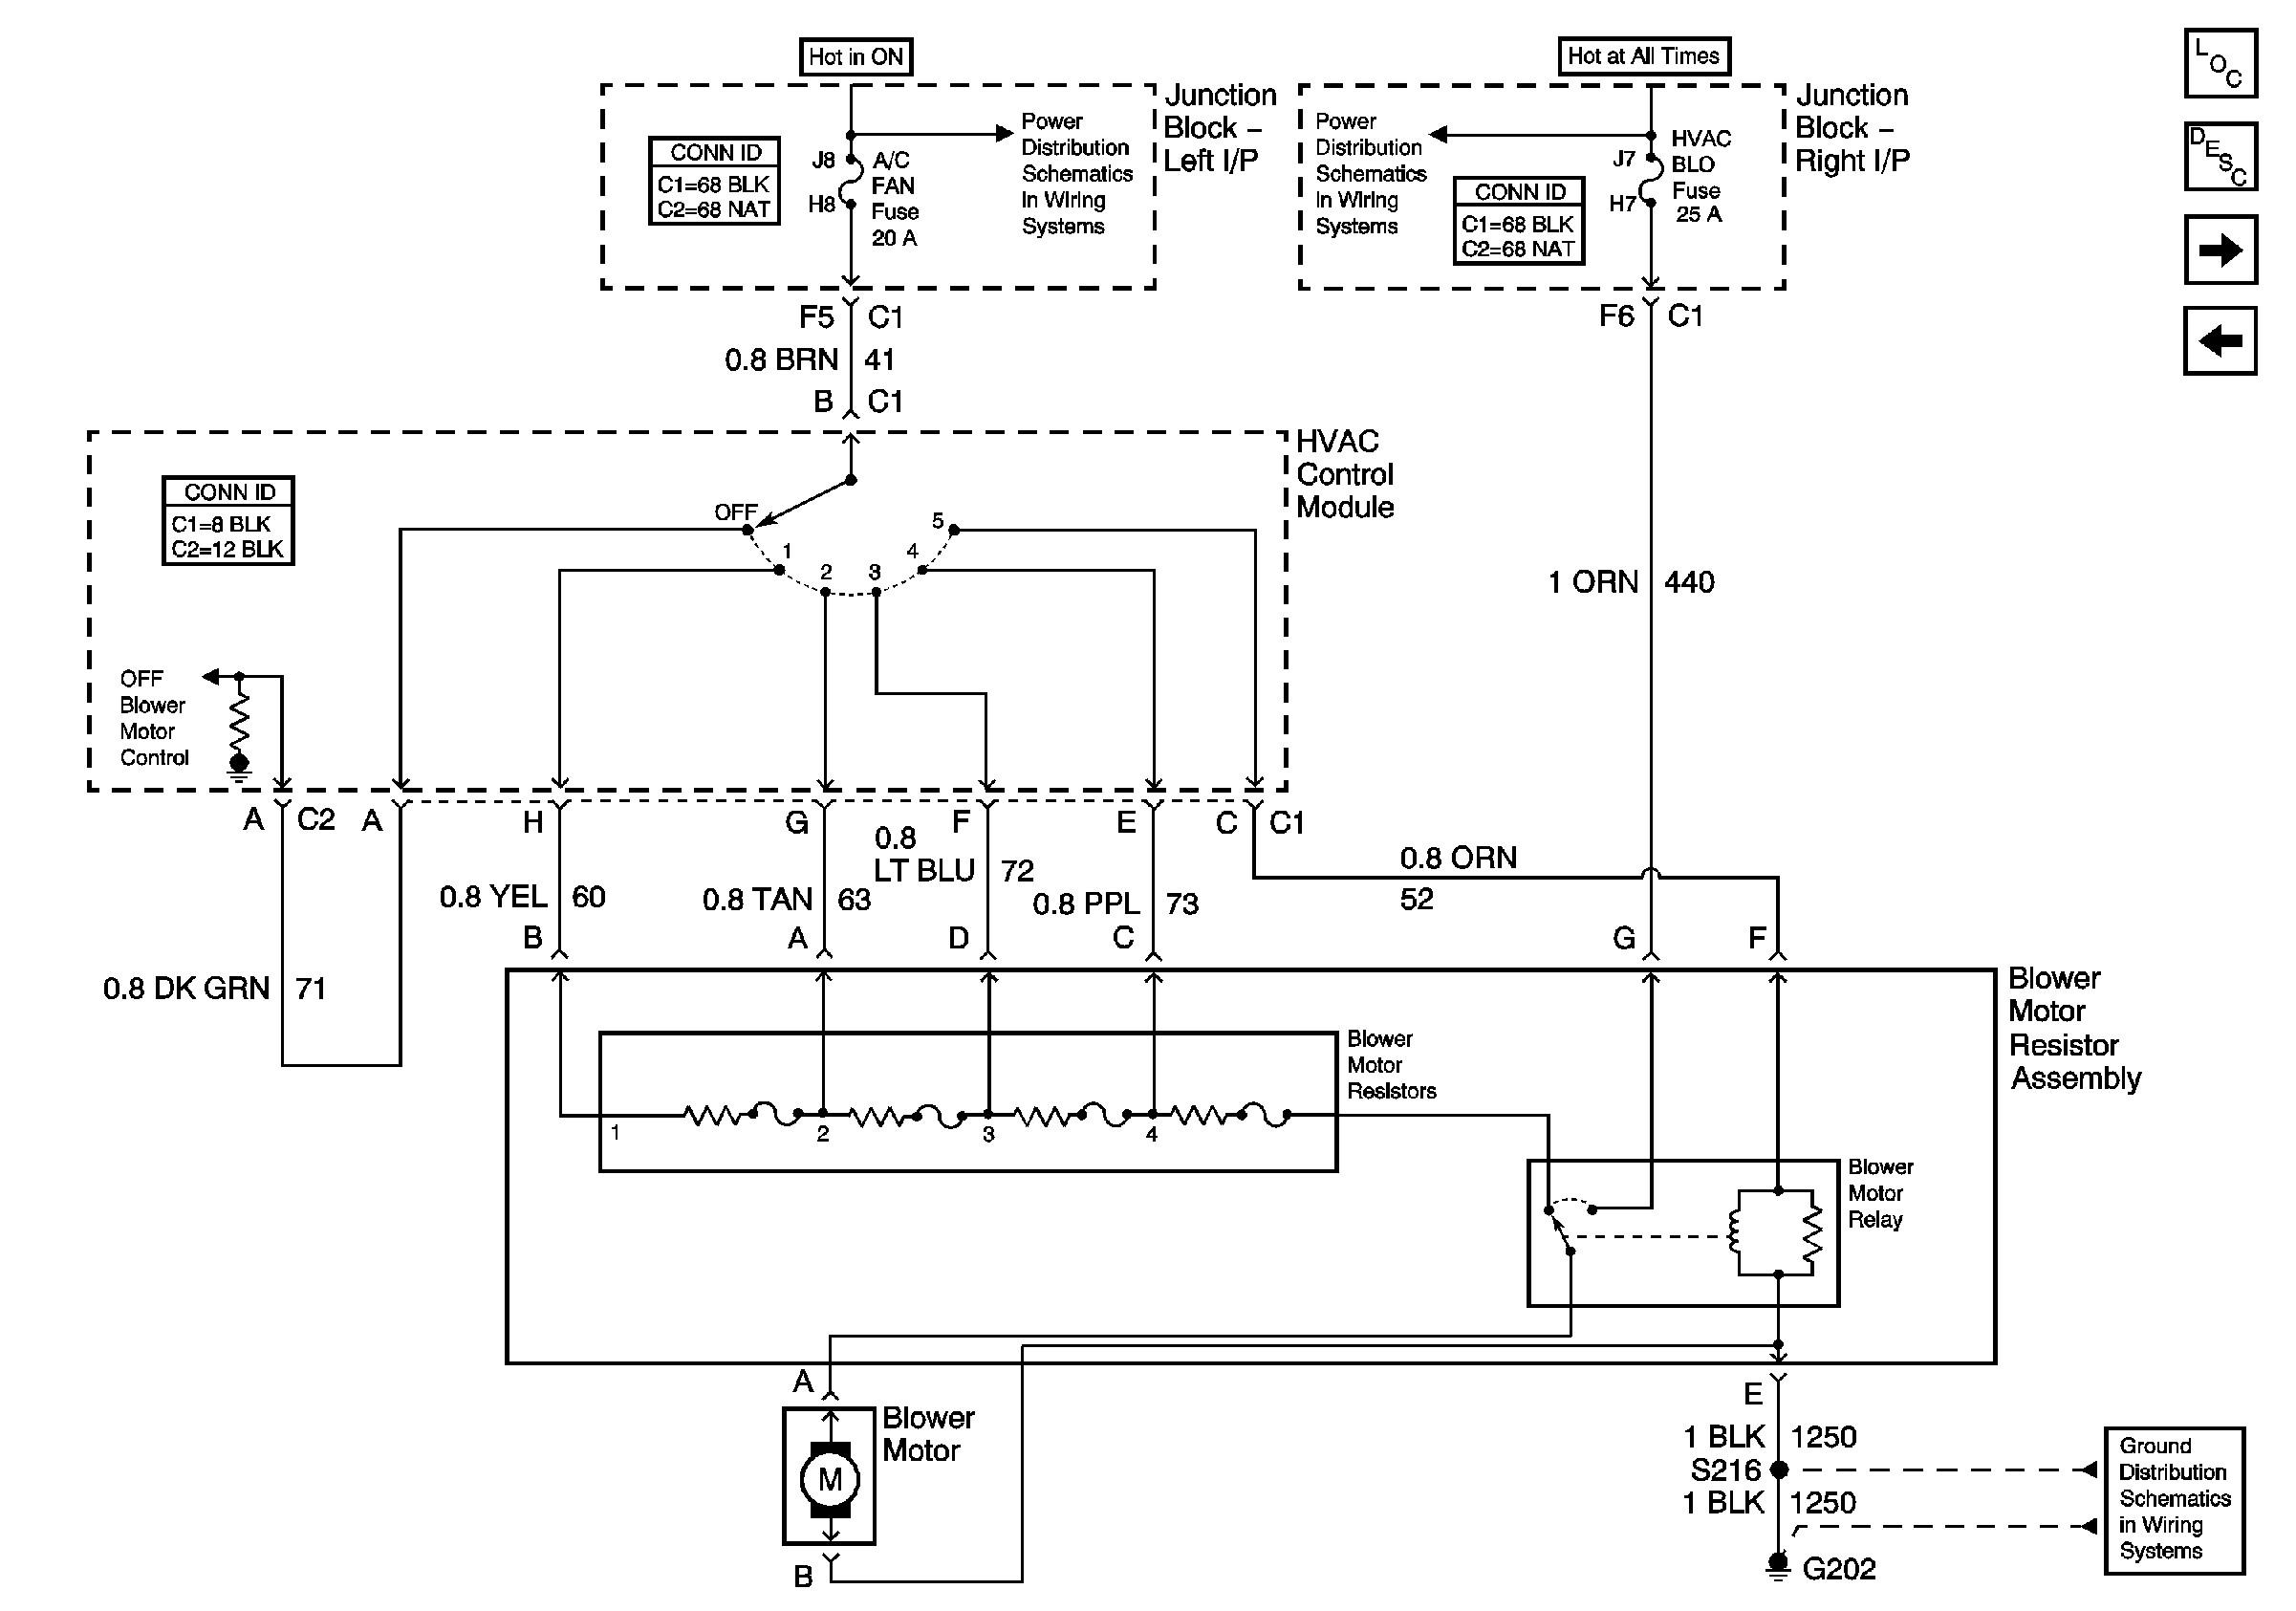 2004 Chevy Tahoe Blower Motor Resistor